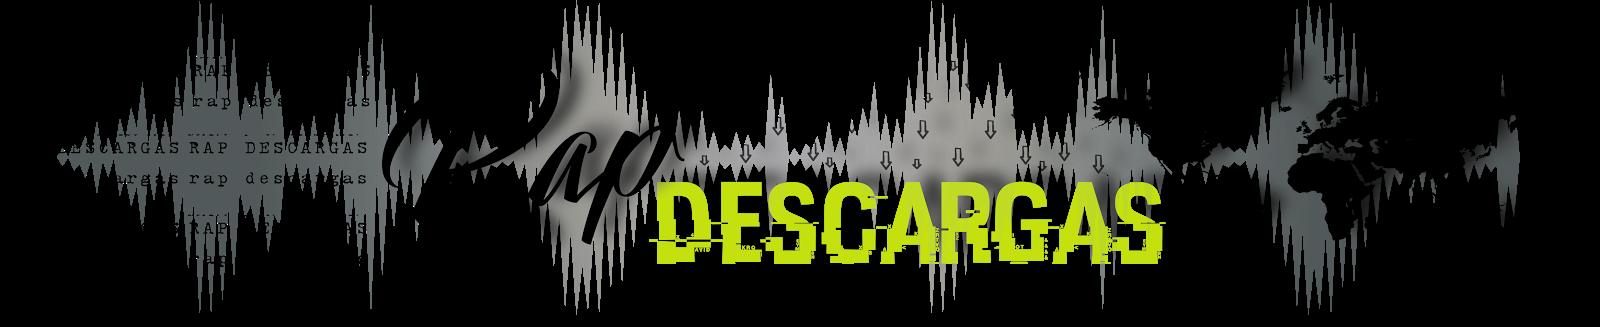 Rap Descarga